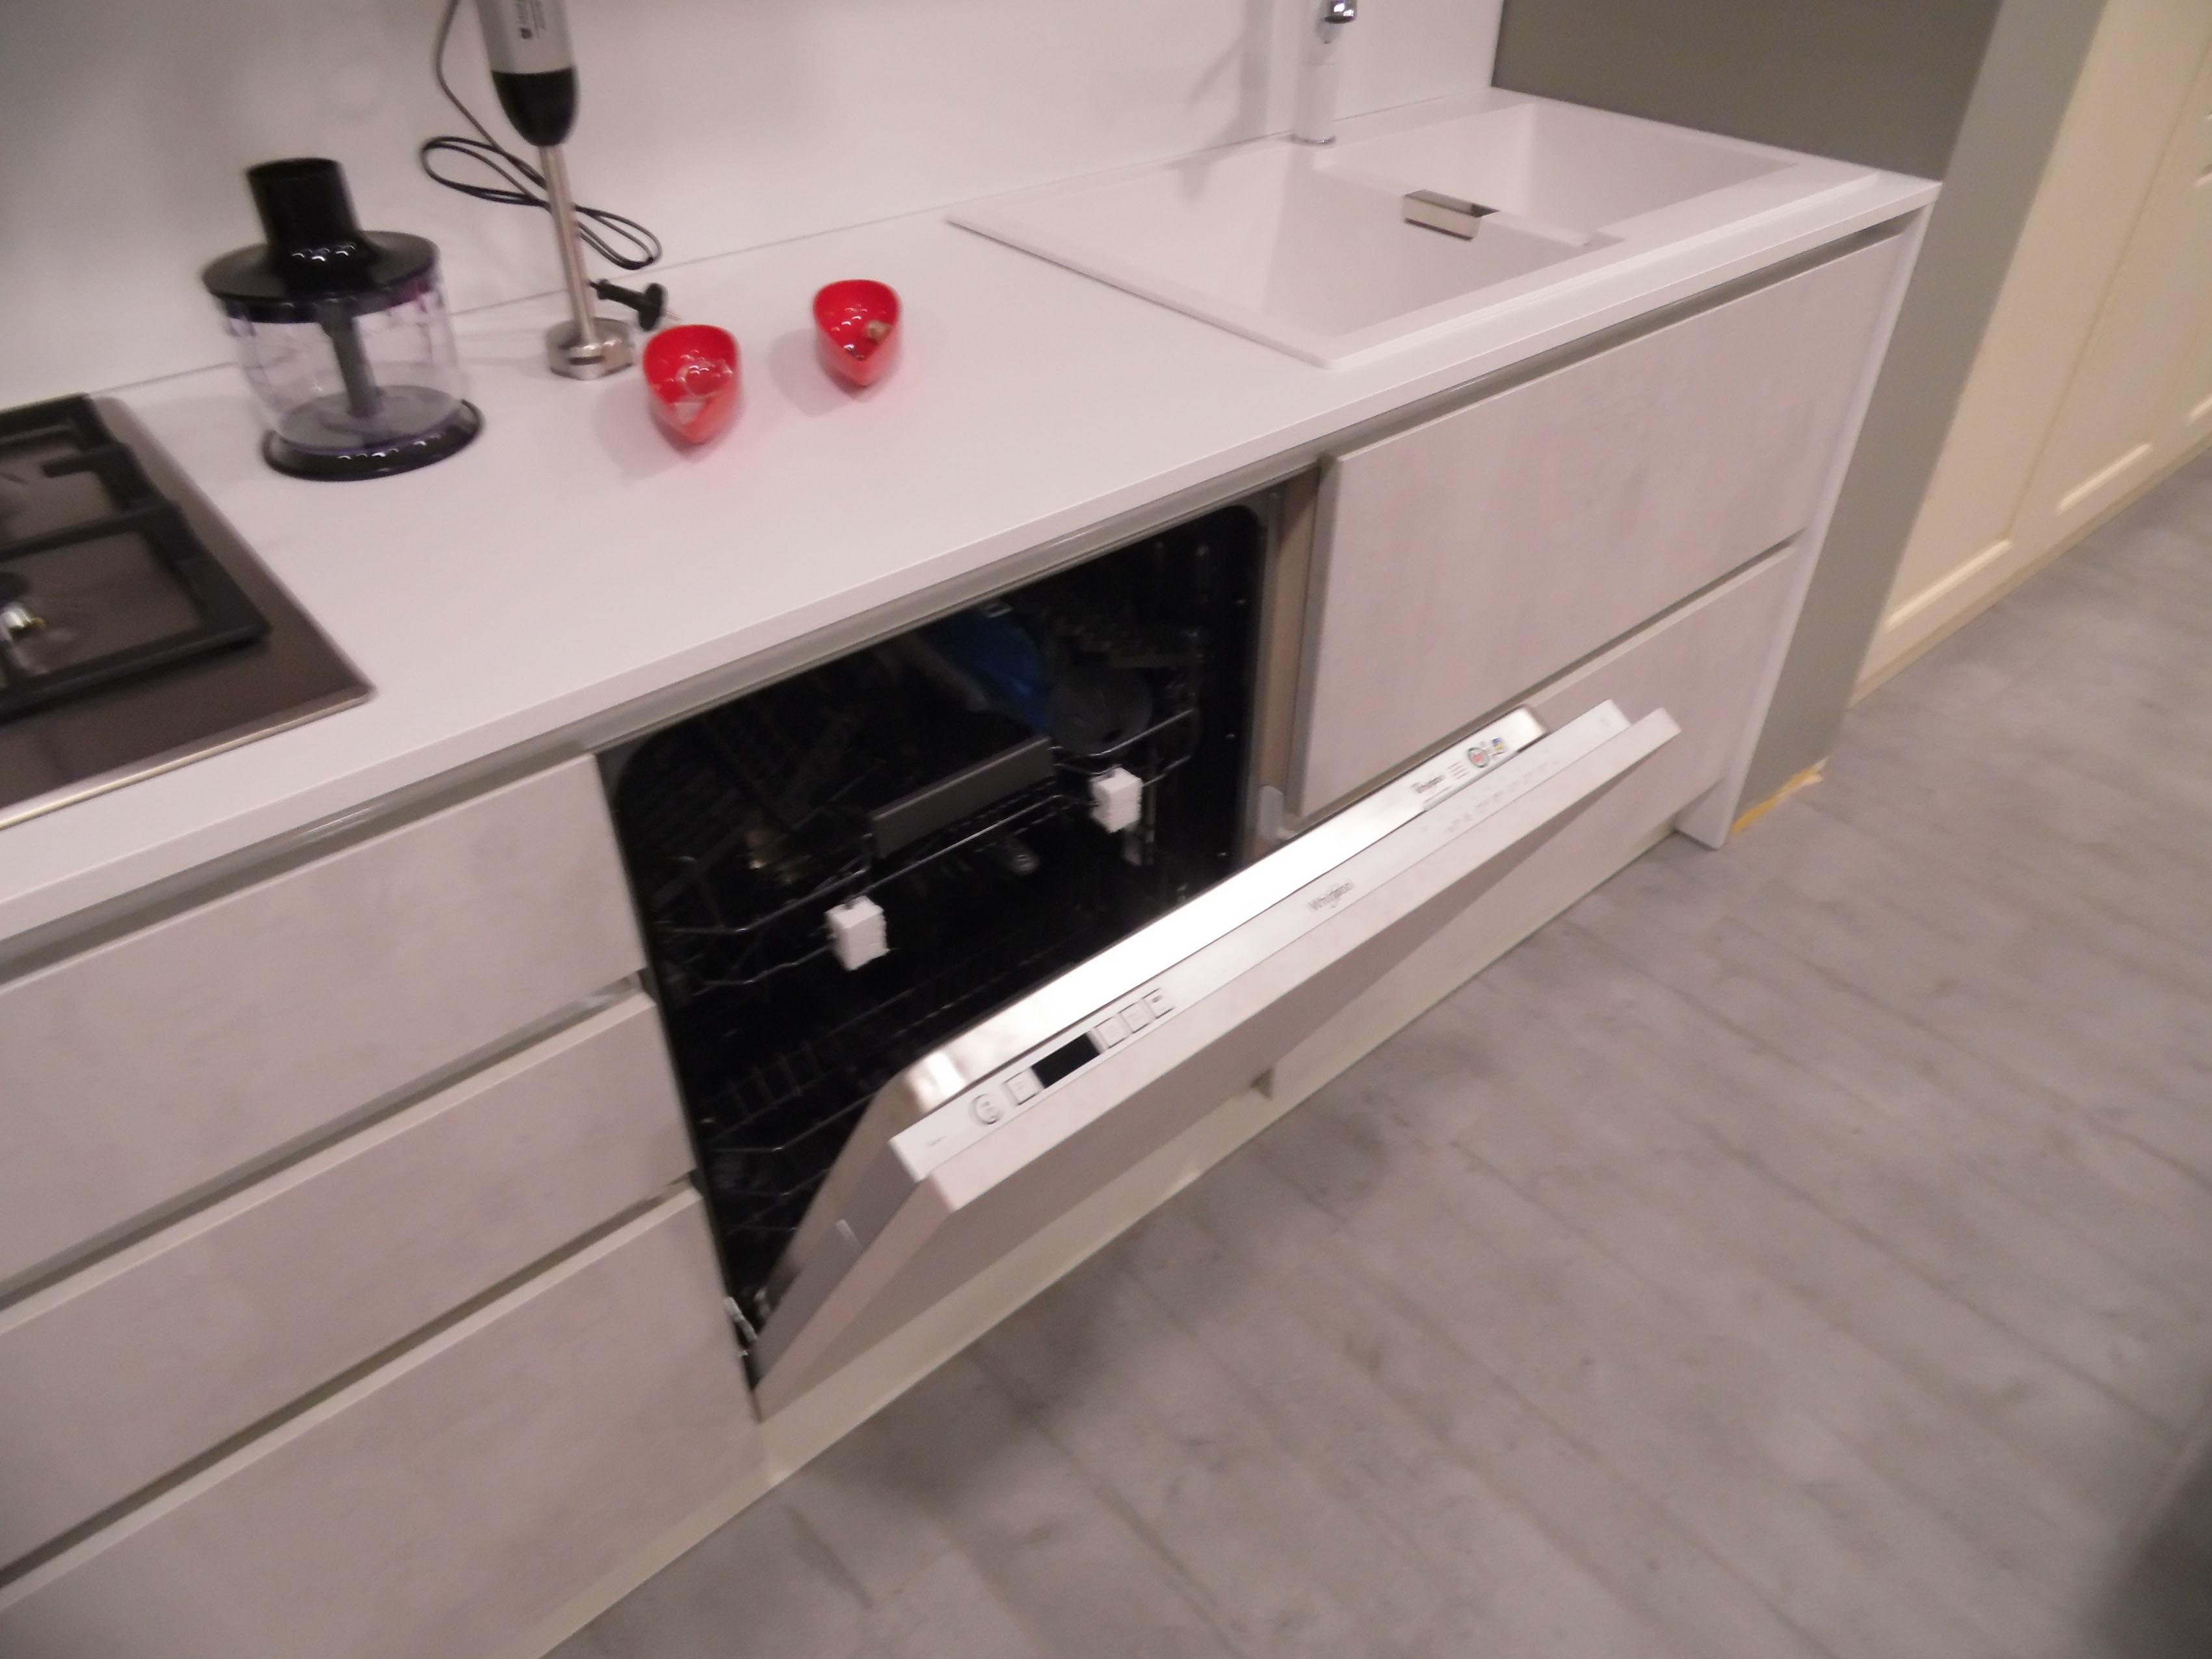 Awesome piani cucina cemento ideas ideas design 2017 - Piani cucina cemento ...